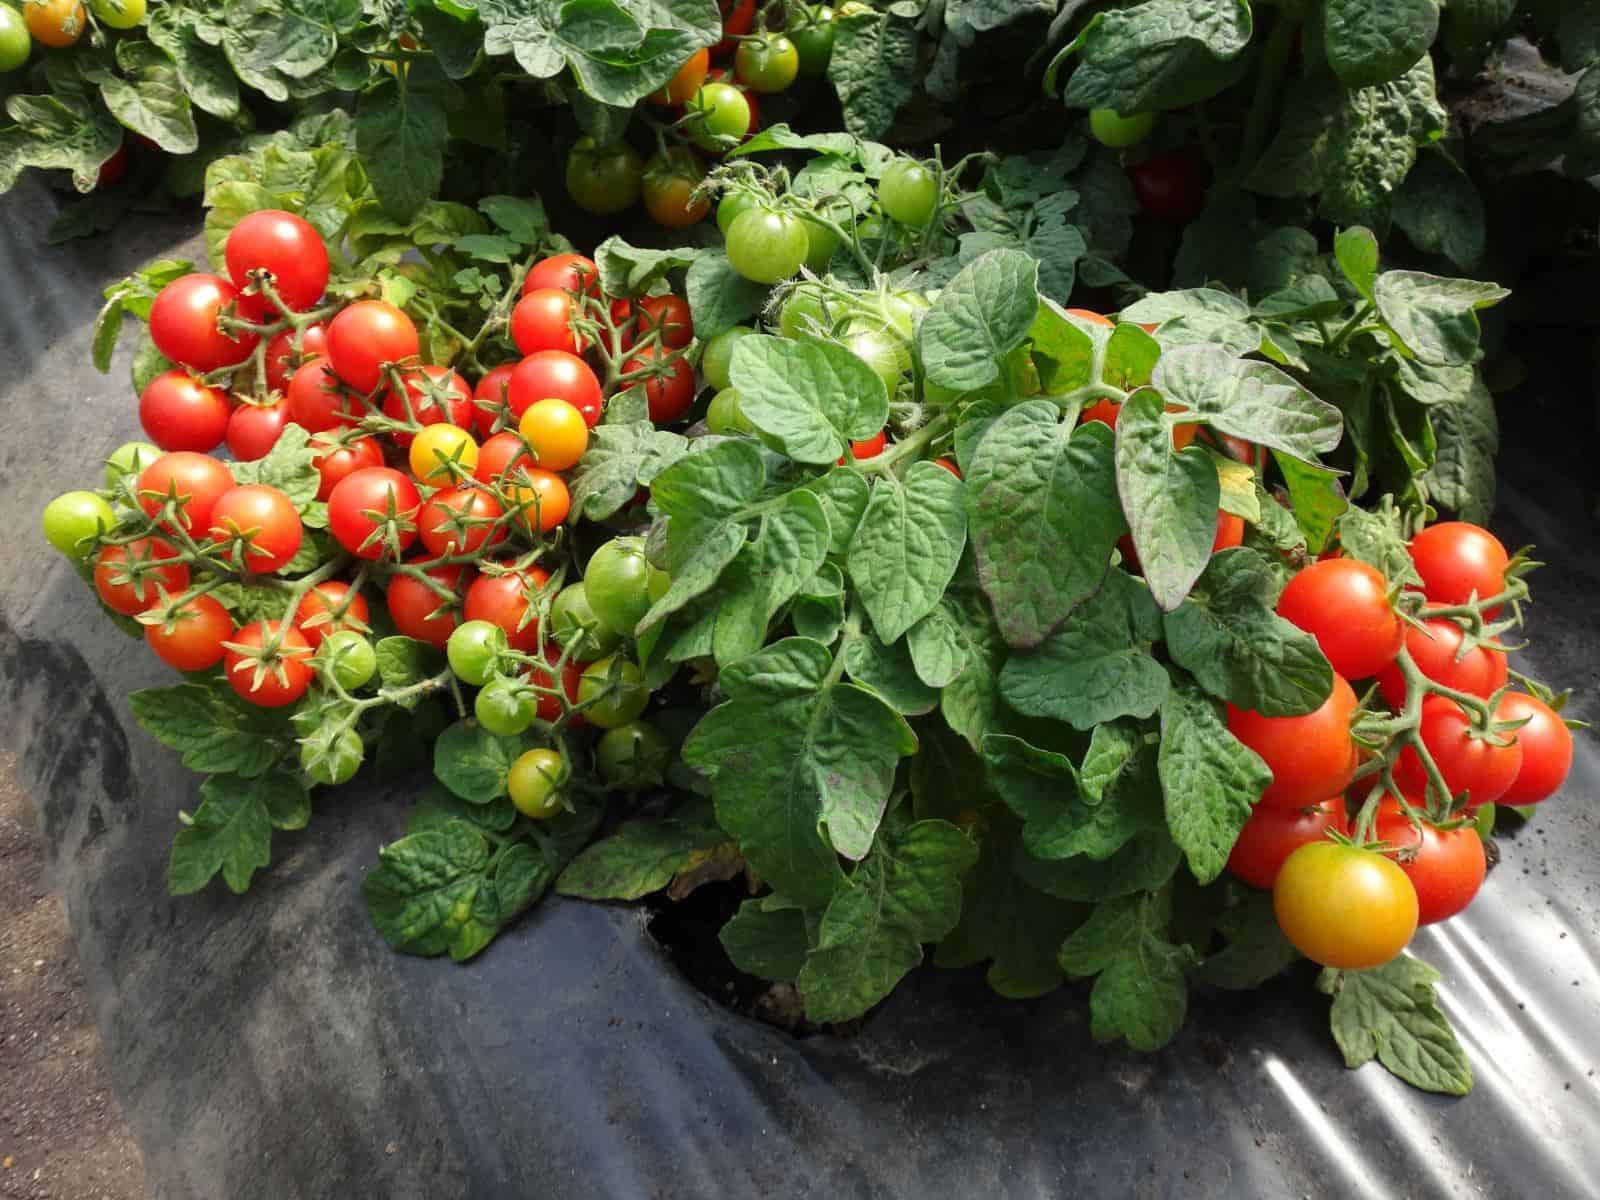 Thần dược cà chua- Bí quyết giảm cân tại nhà